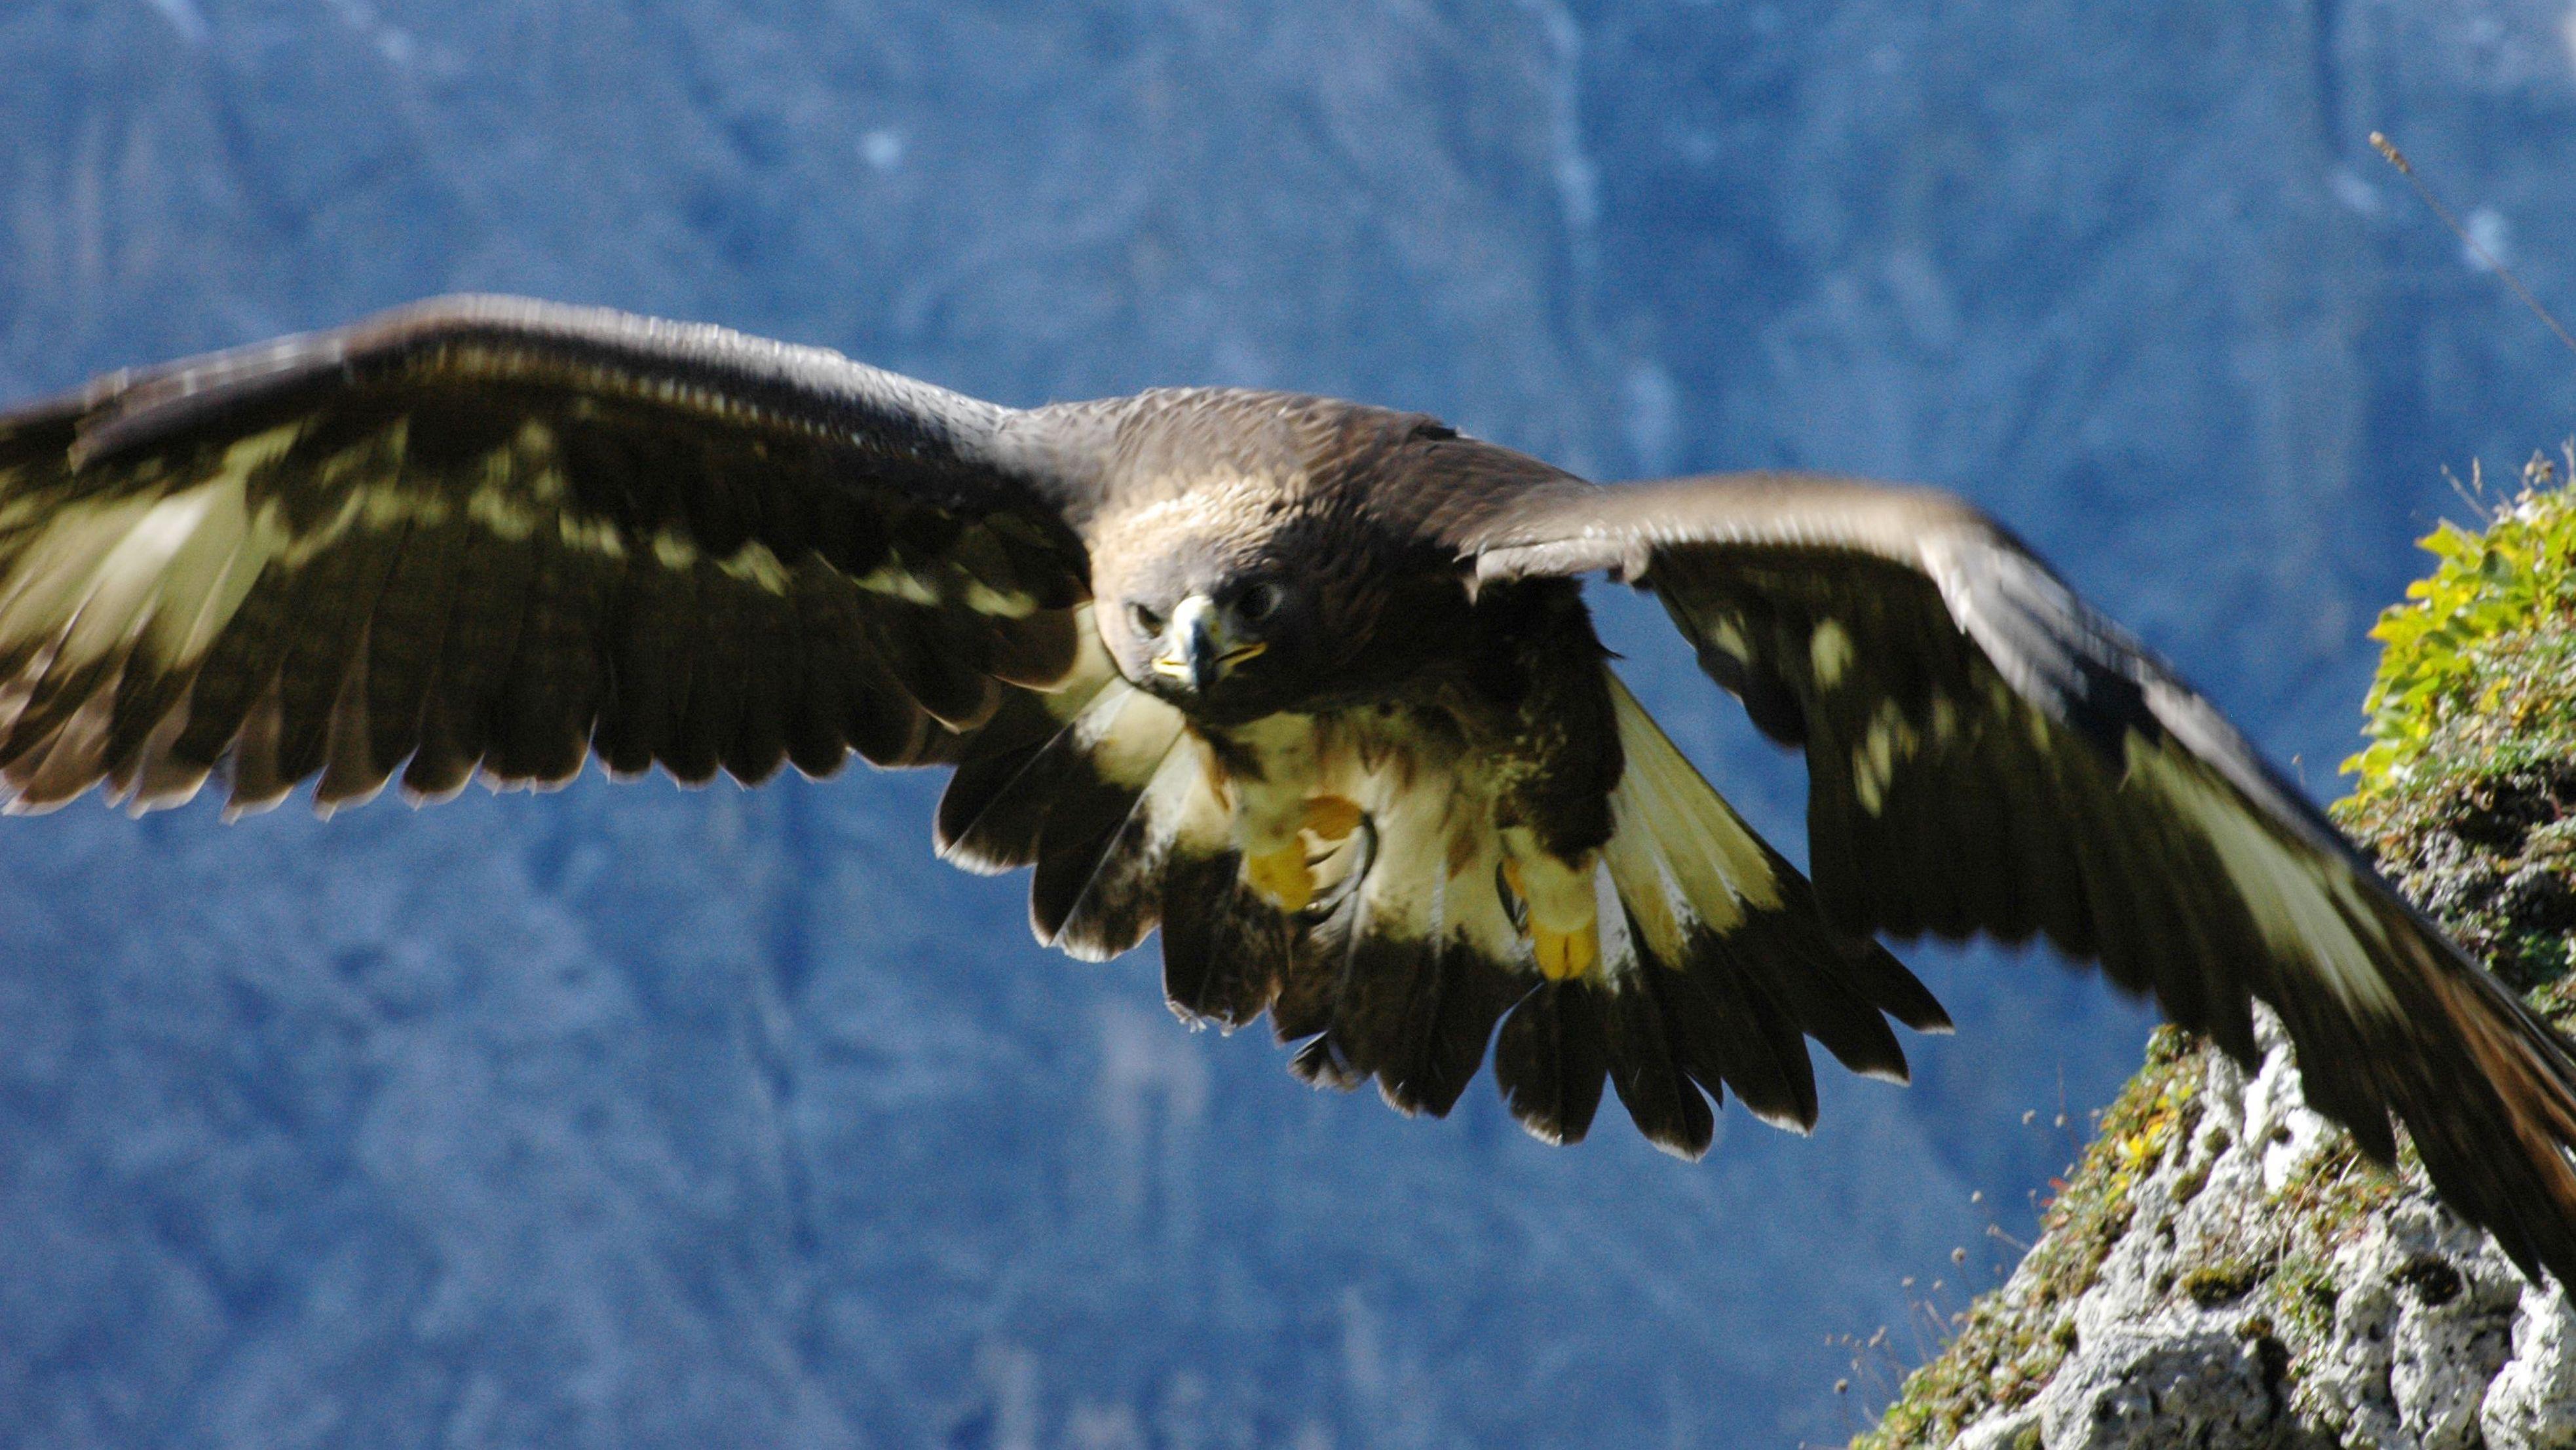 Der Adler ist ein geschützter Raubvogel (Symbolbild)